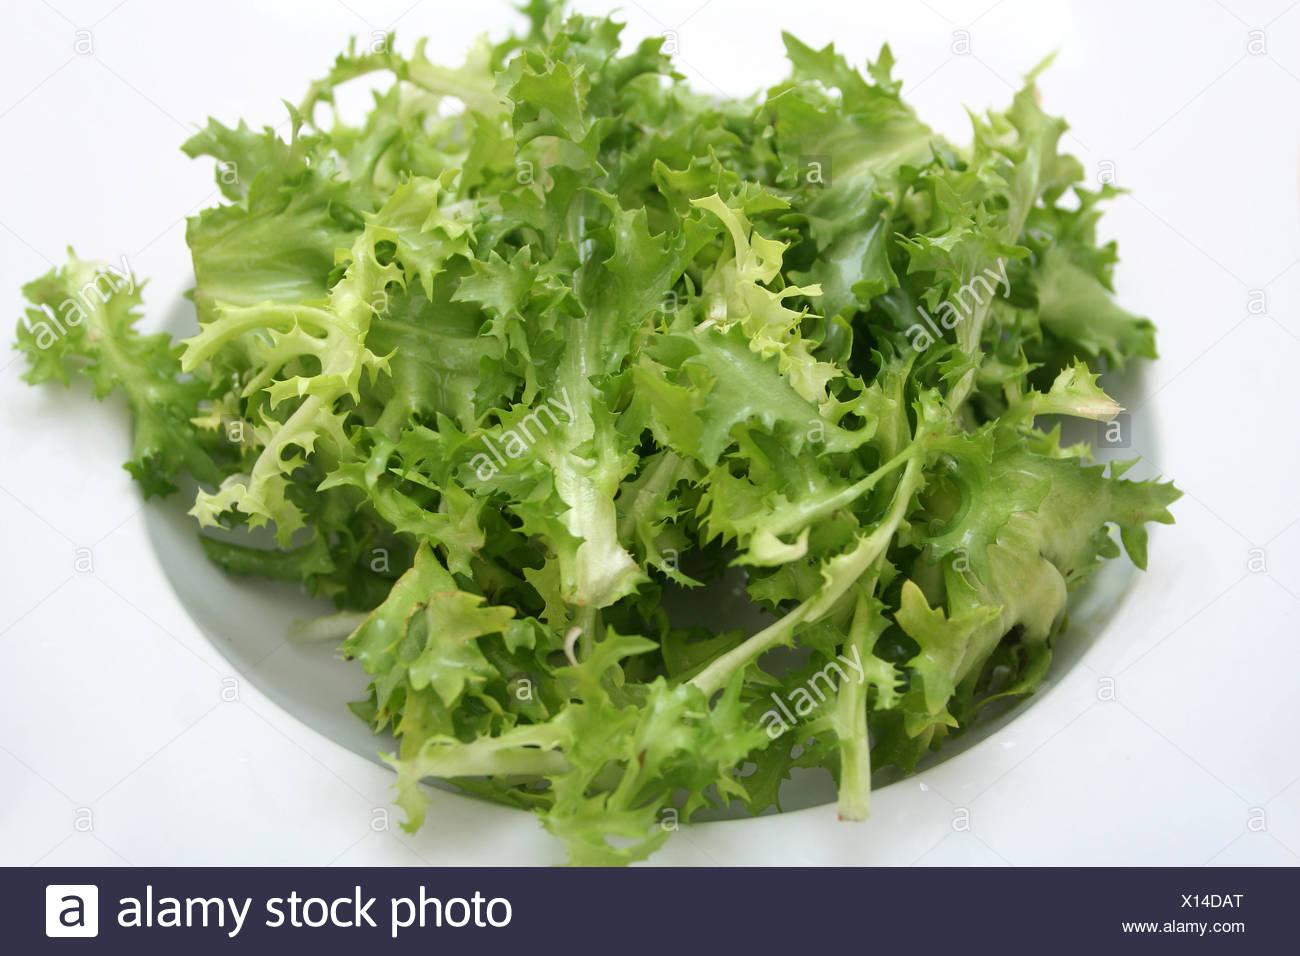 green vegetable vital - Stock Image